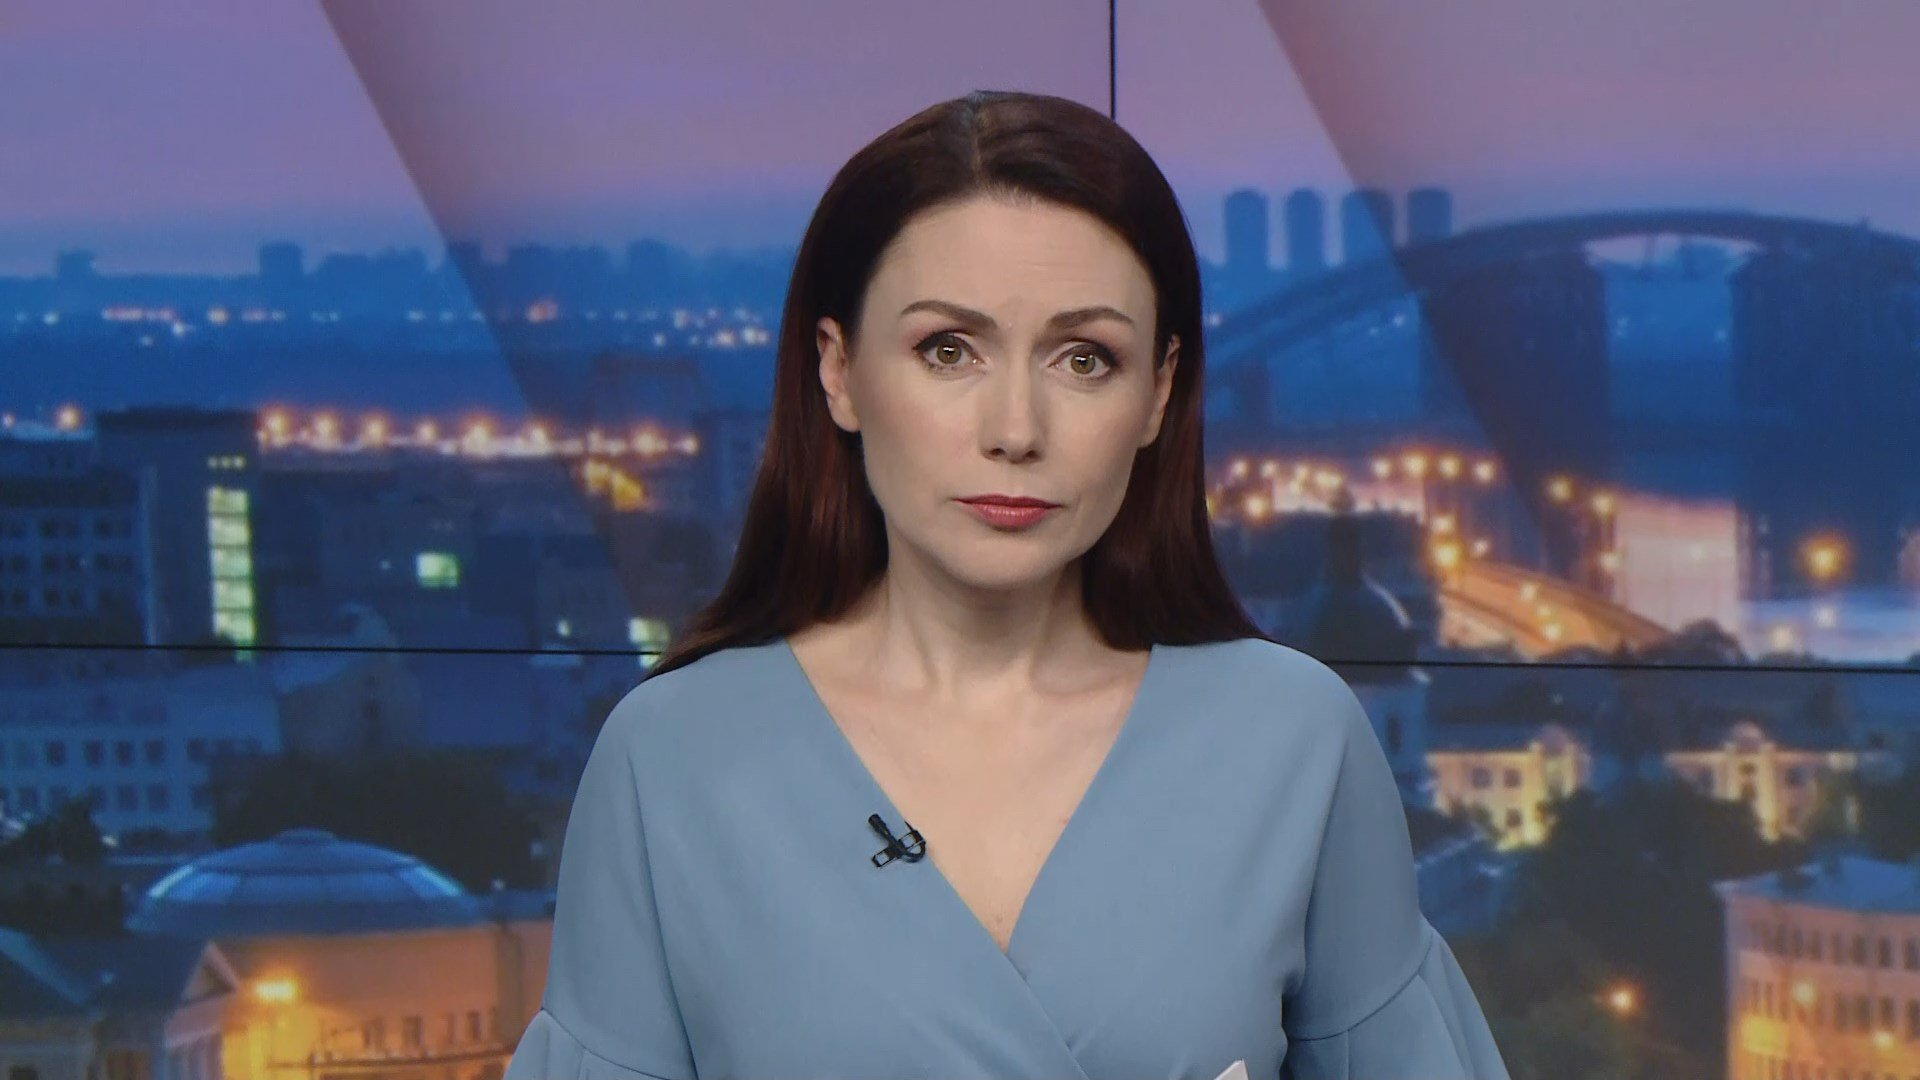 Итоговый выпуск новостей за 22:00: Арест полмиллиона евро Онищенко. Срыв отопительного сезона - Новости Украины - 24 Канал